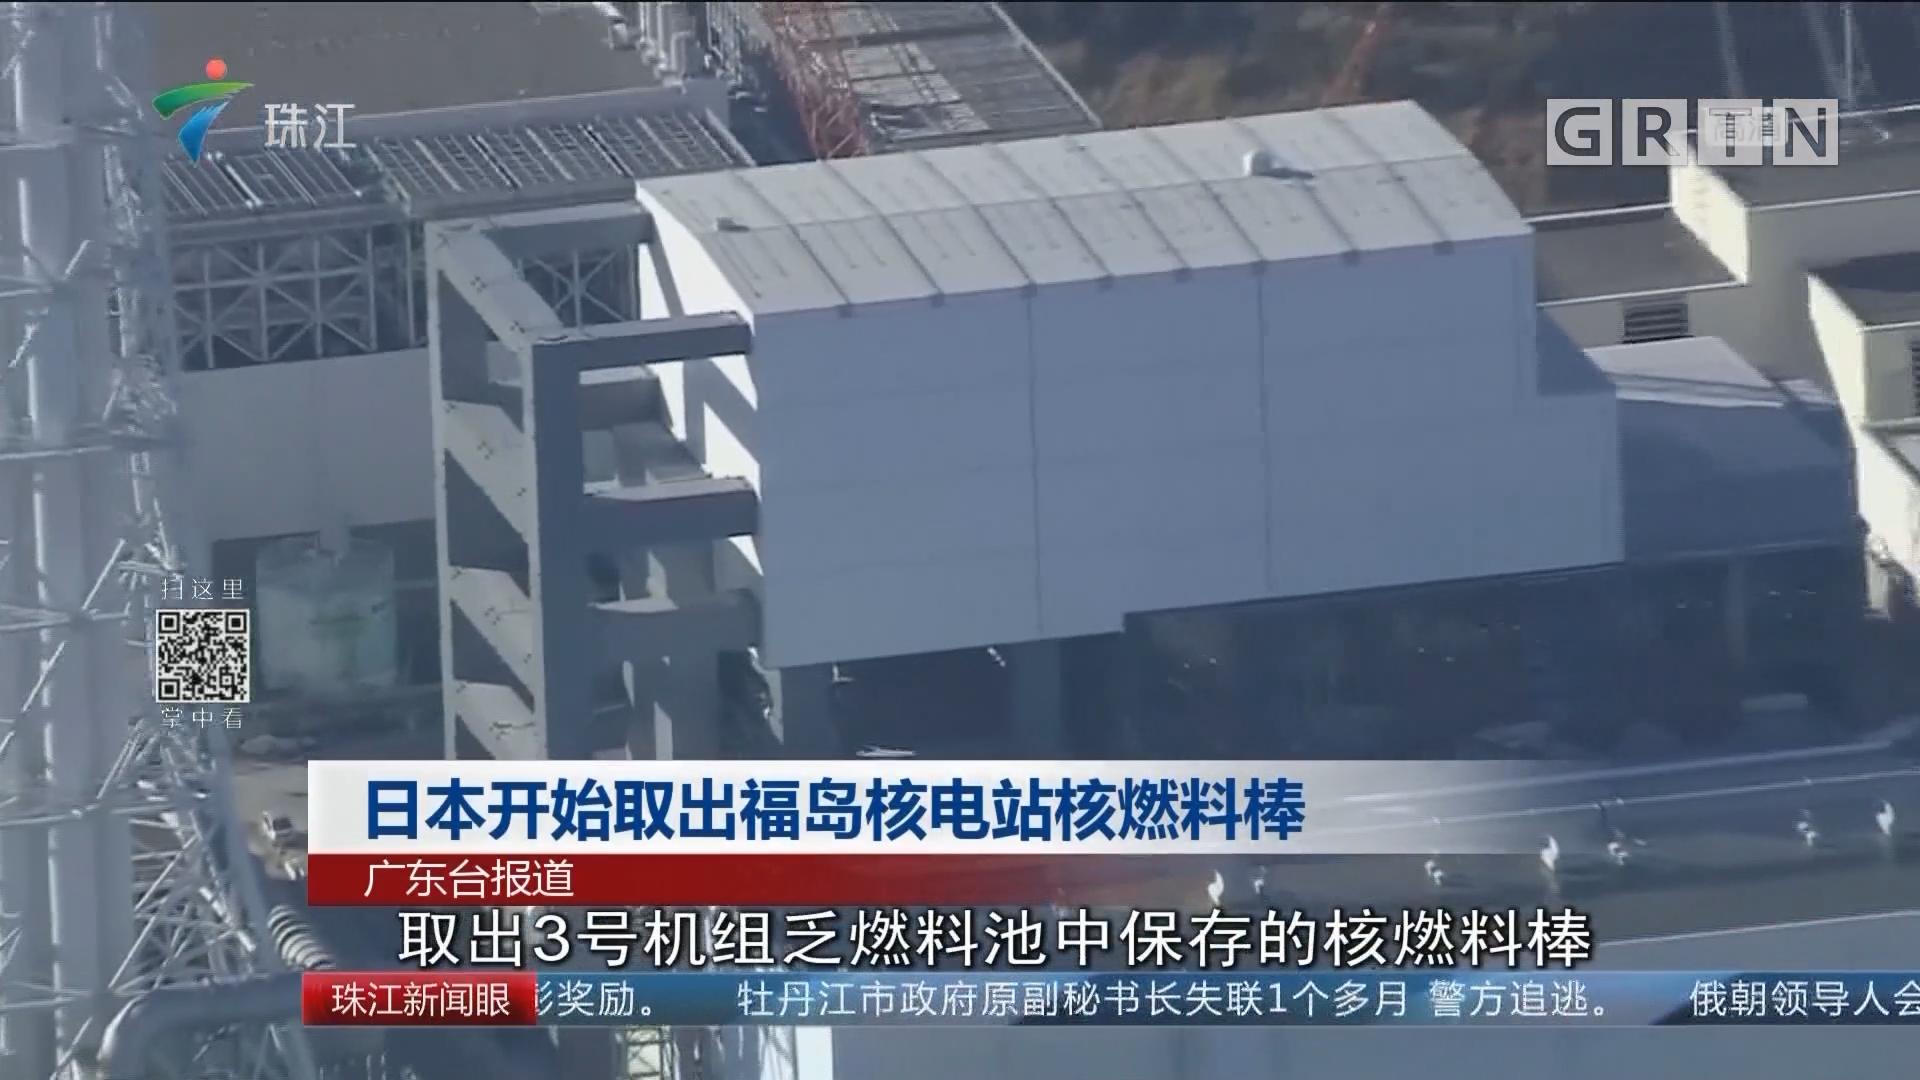 日本开始取出福岛核电站核燃料棒